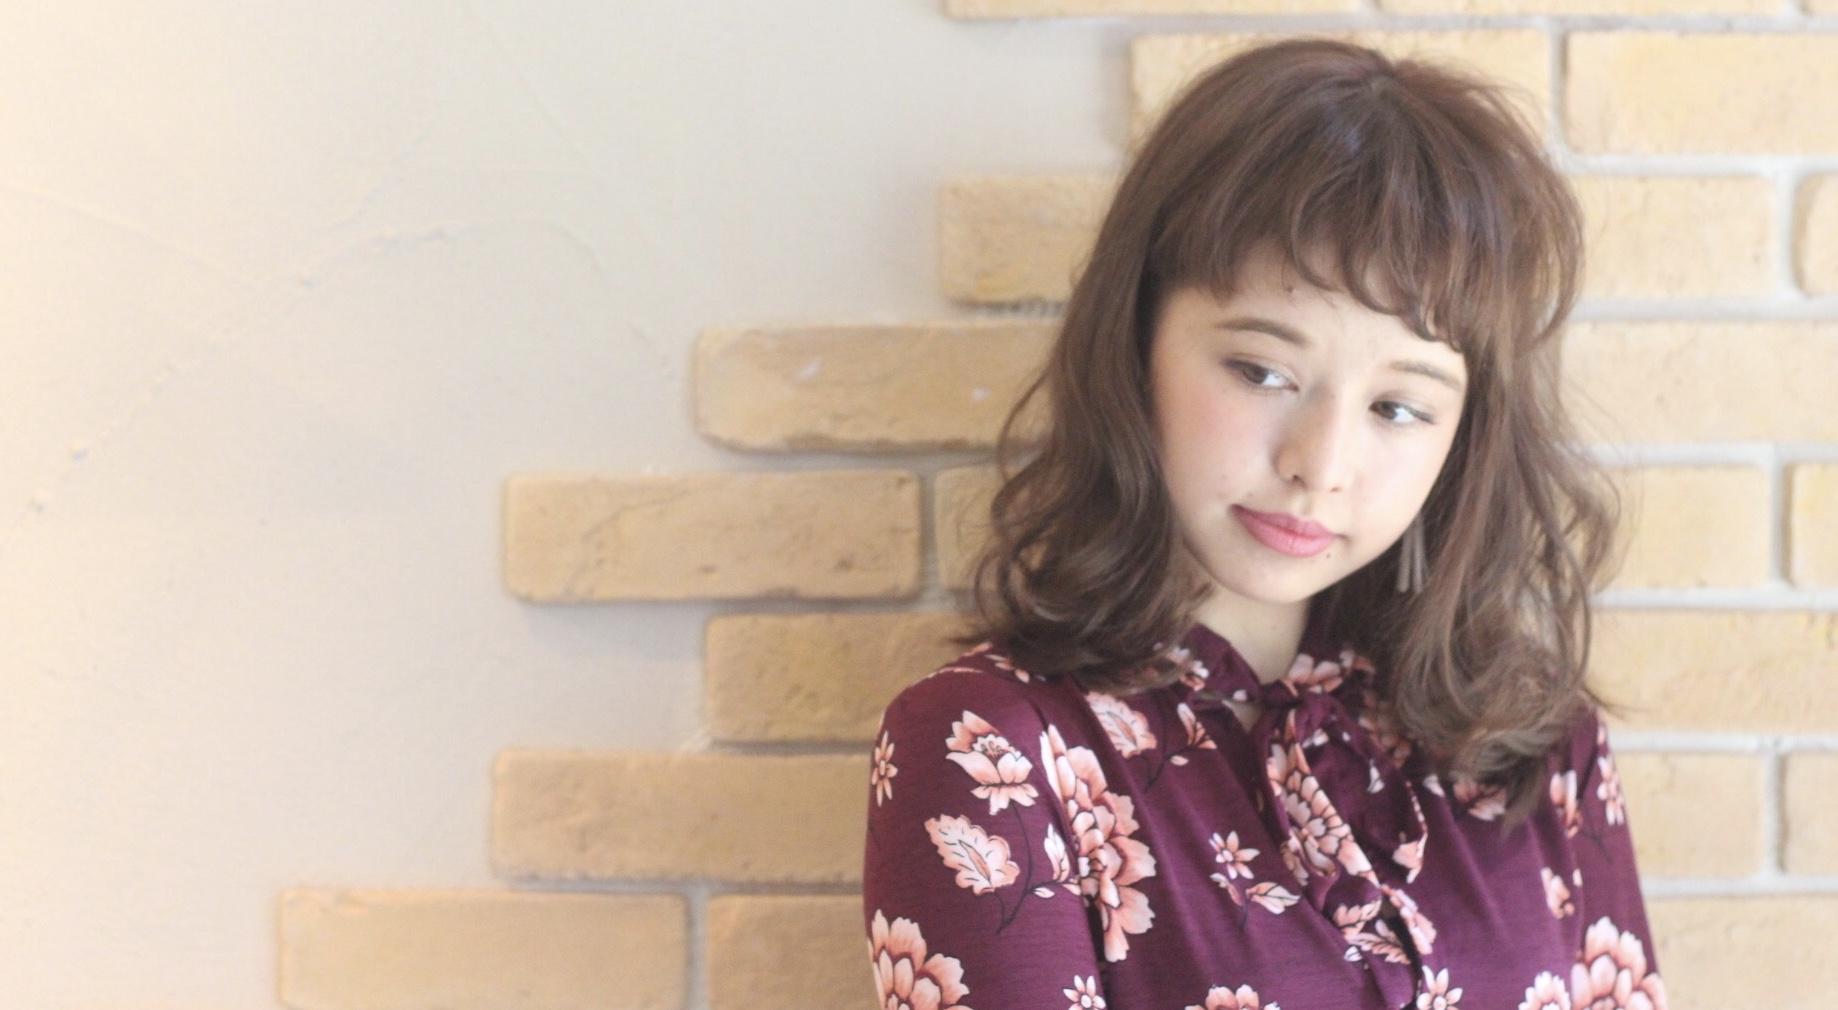 雑誌で見た髪型にしたい!パーマかけよ!いやっちょっと待ってって話。